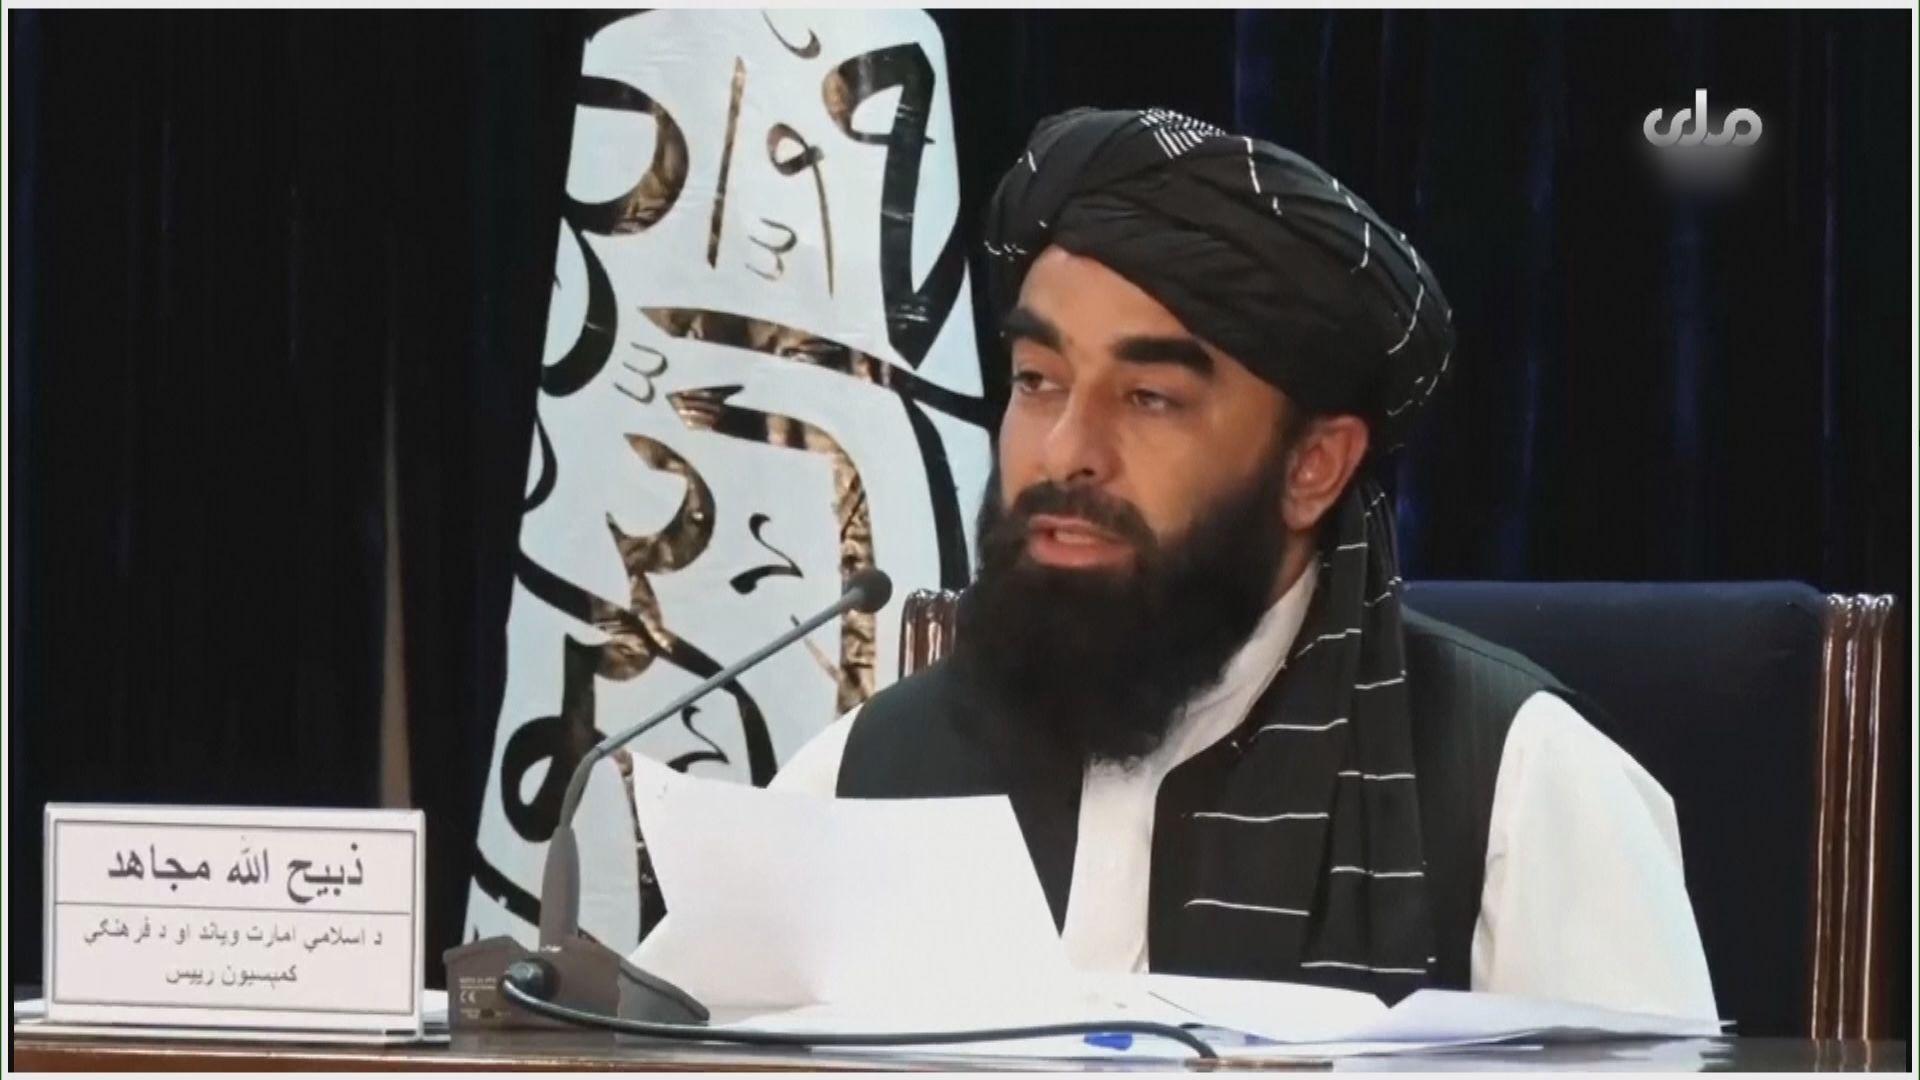 塔利班公布新班子名單